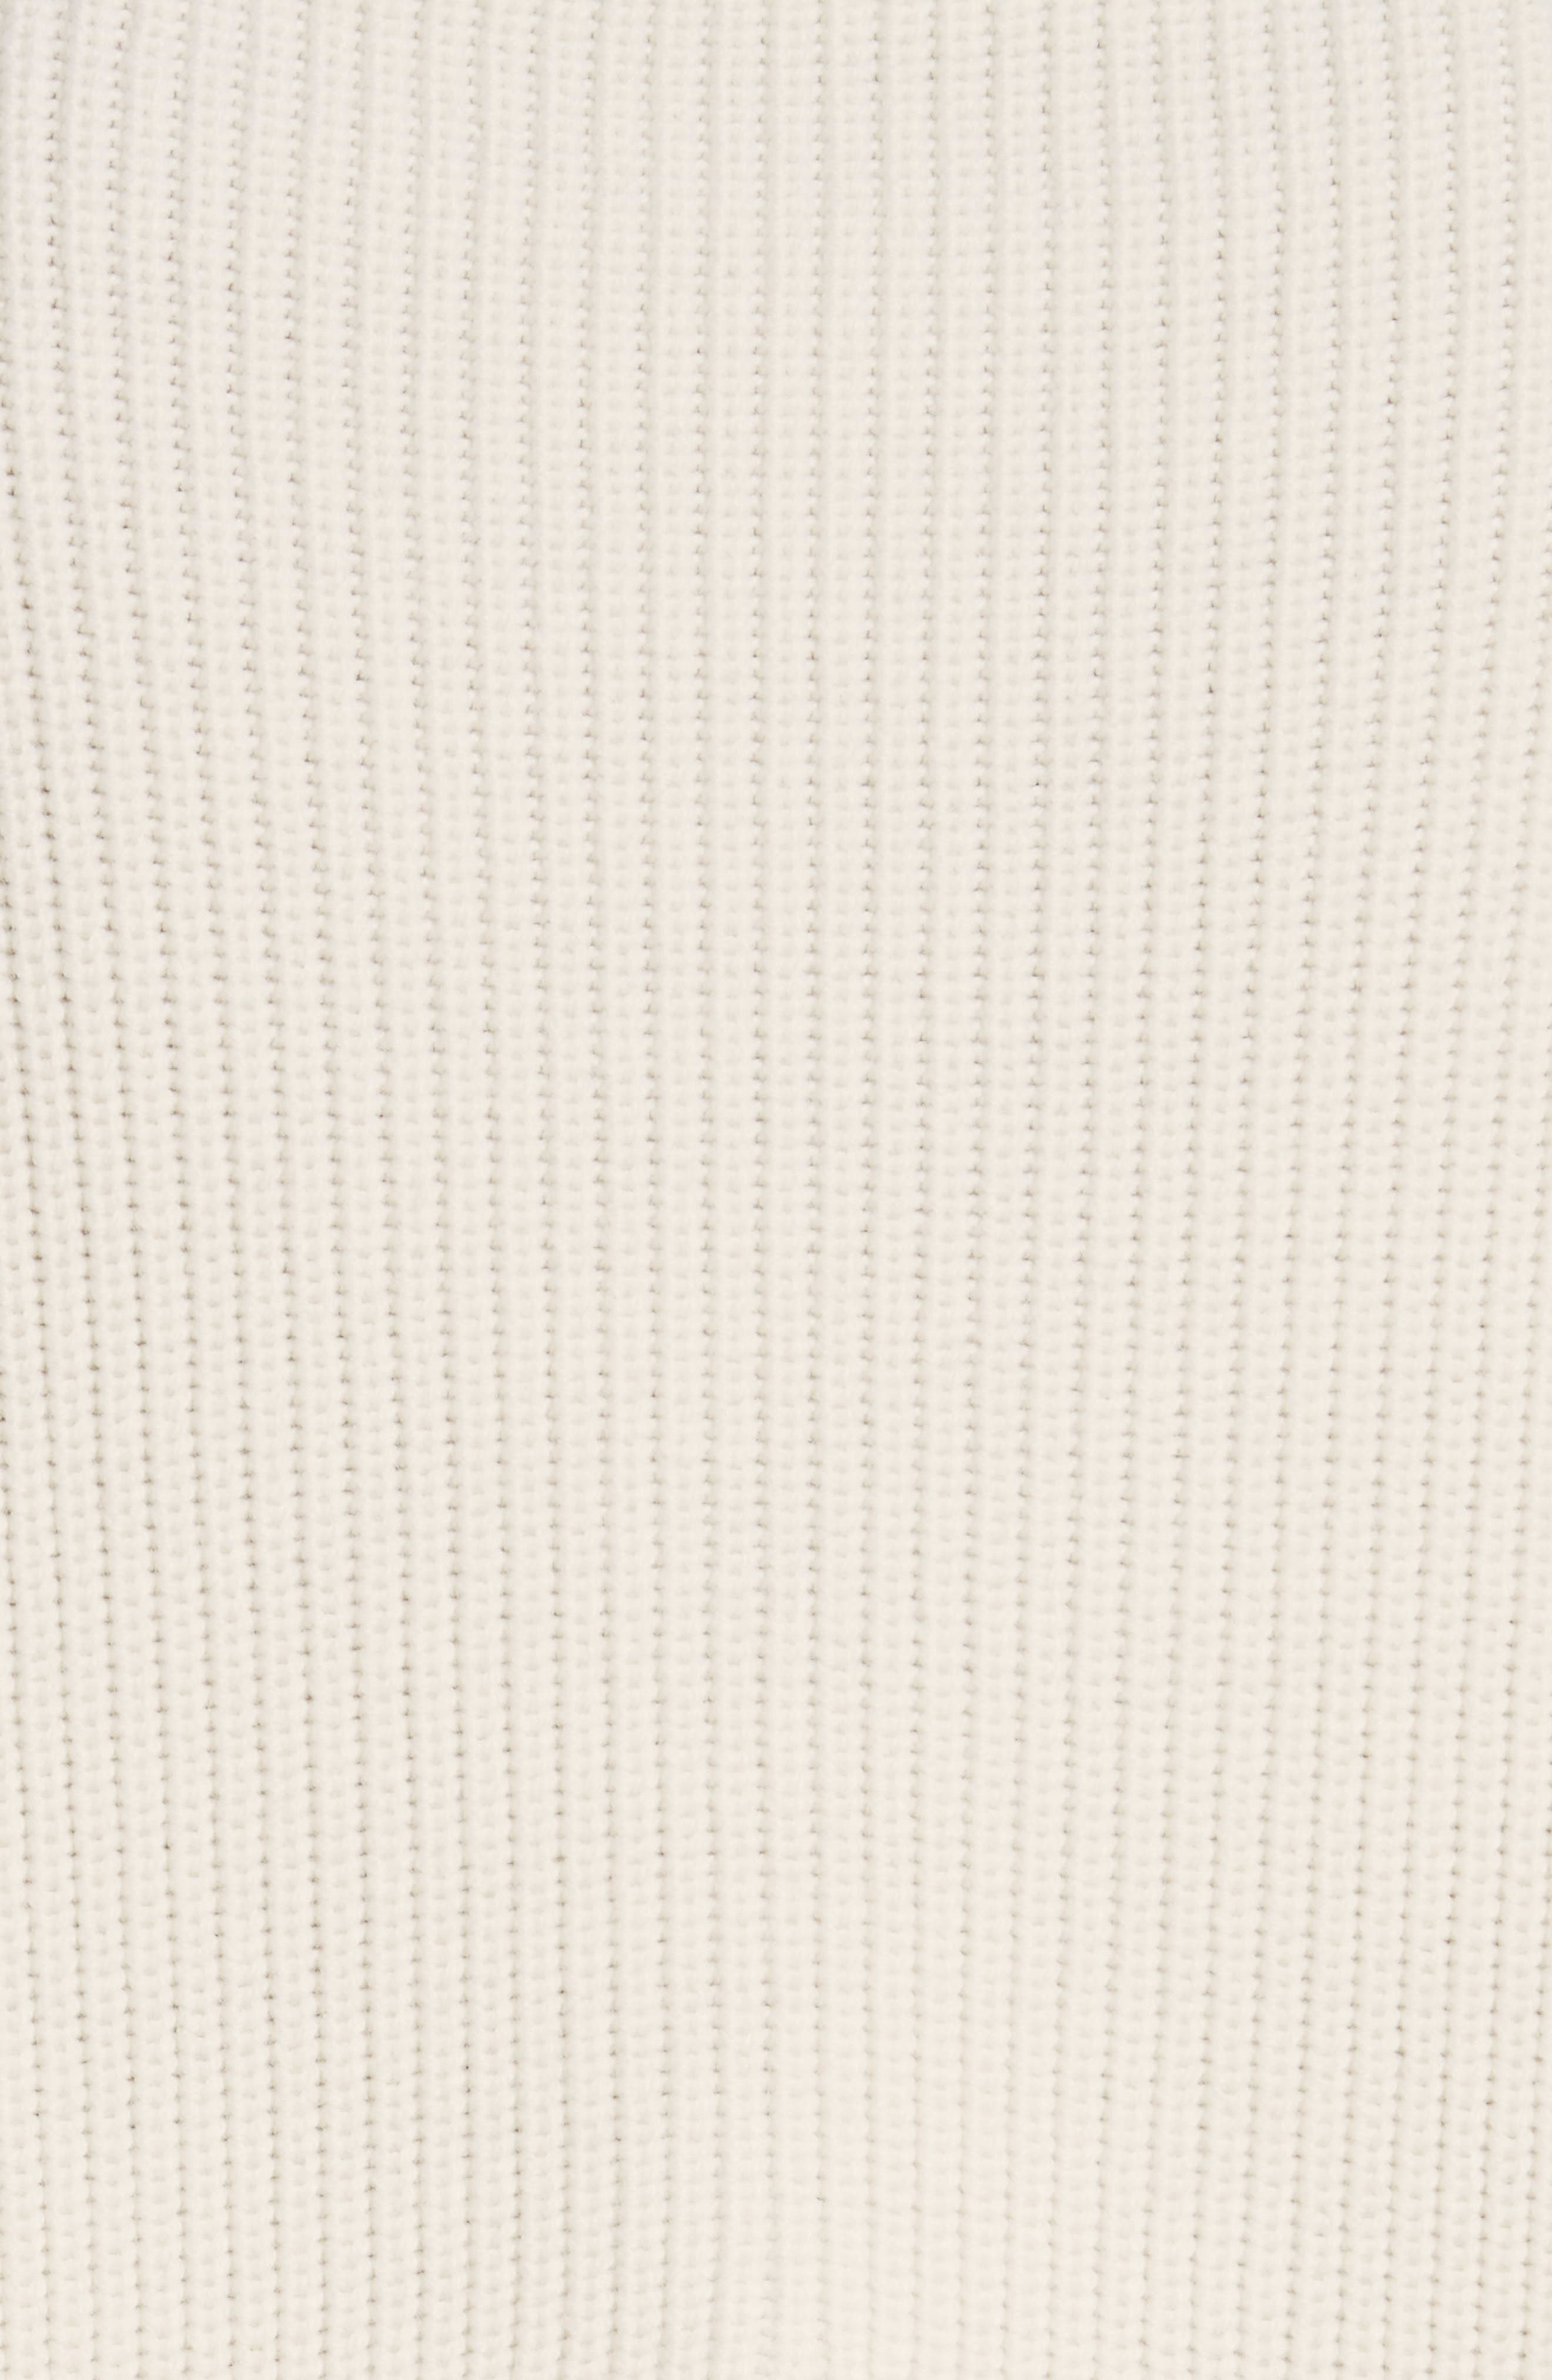 Slit Back Virgin Wool Blend Sweater,                             Alternate thumbnail 5, color,                             108